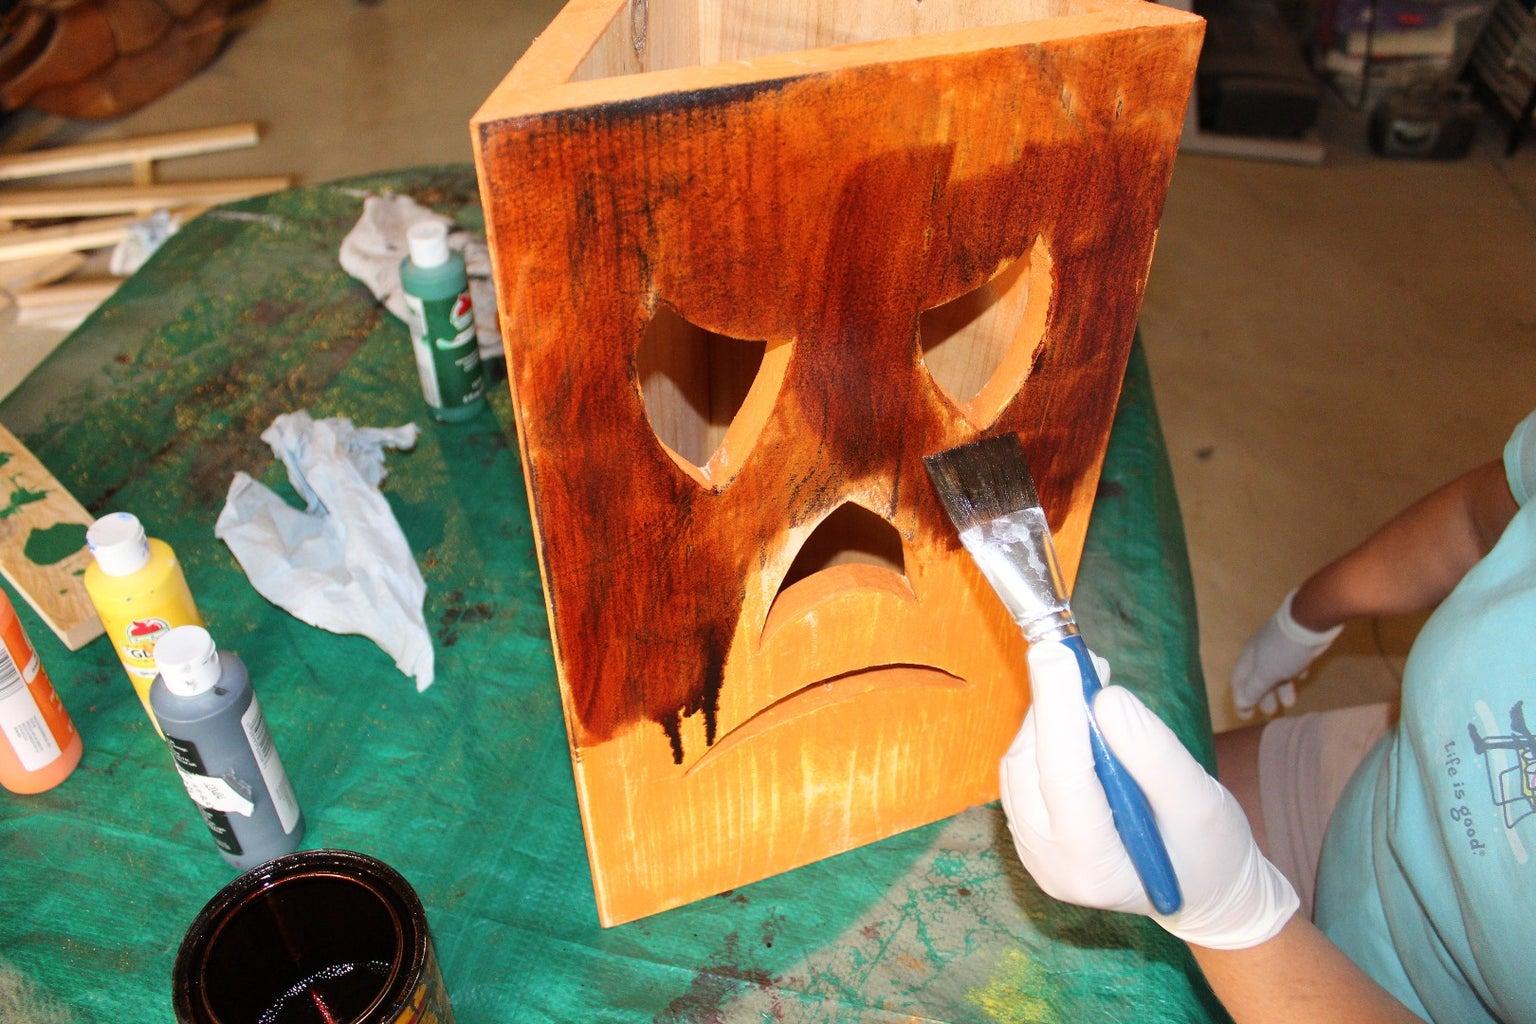 Paint - Step 5